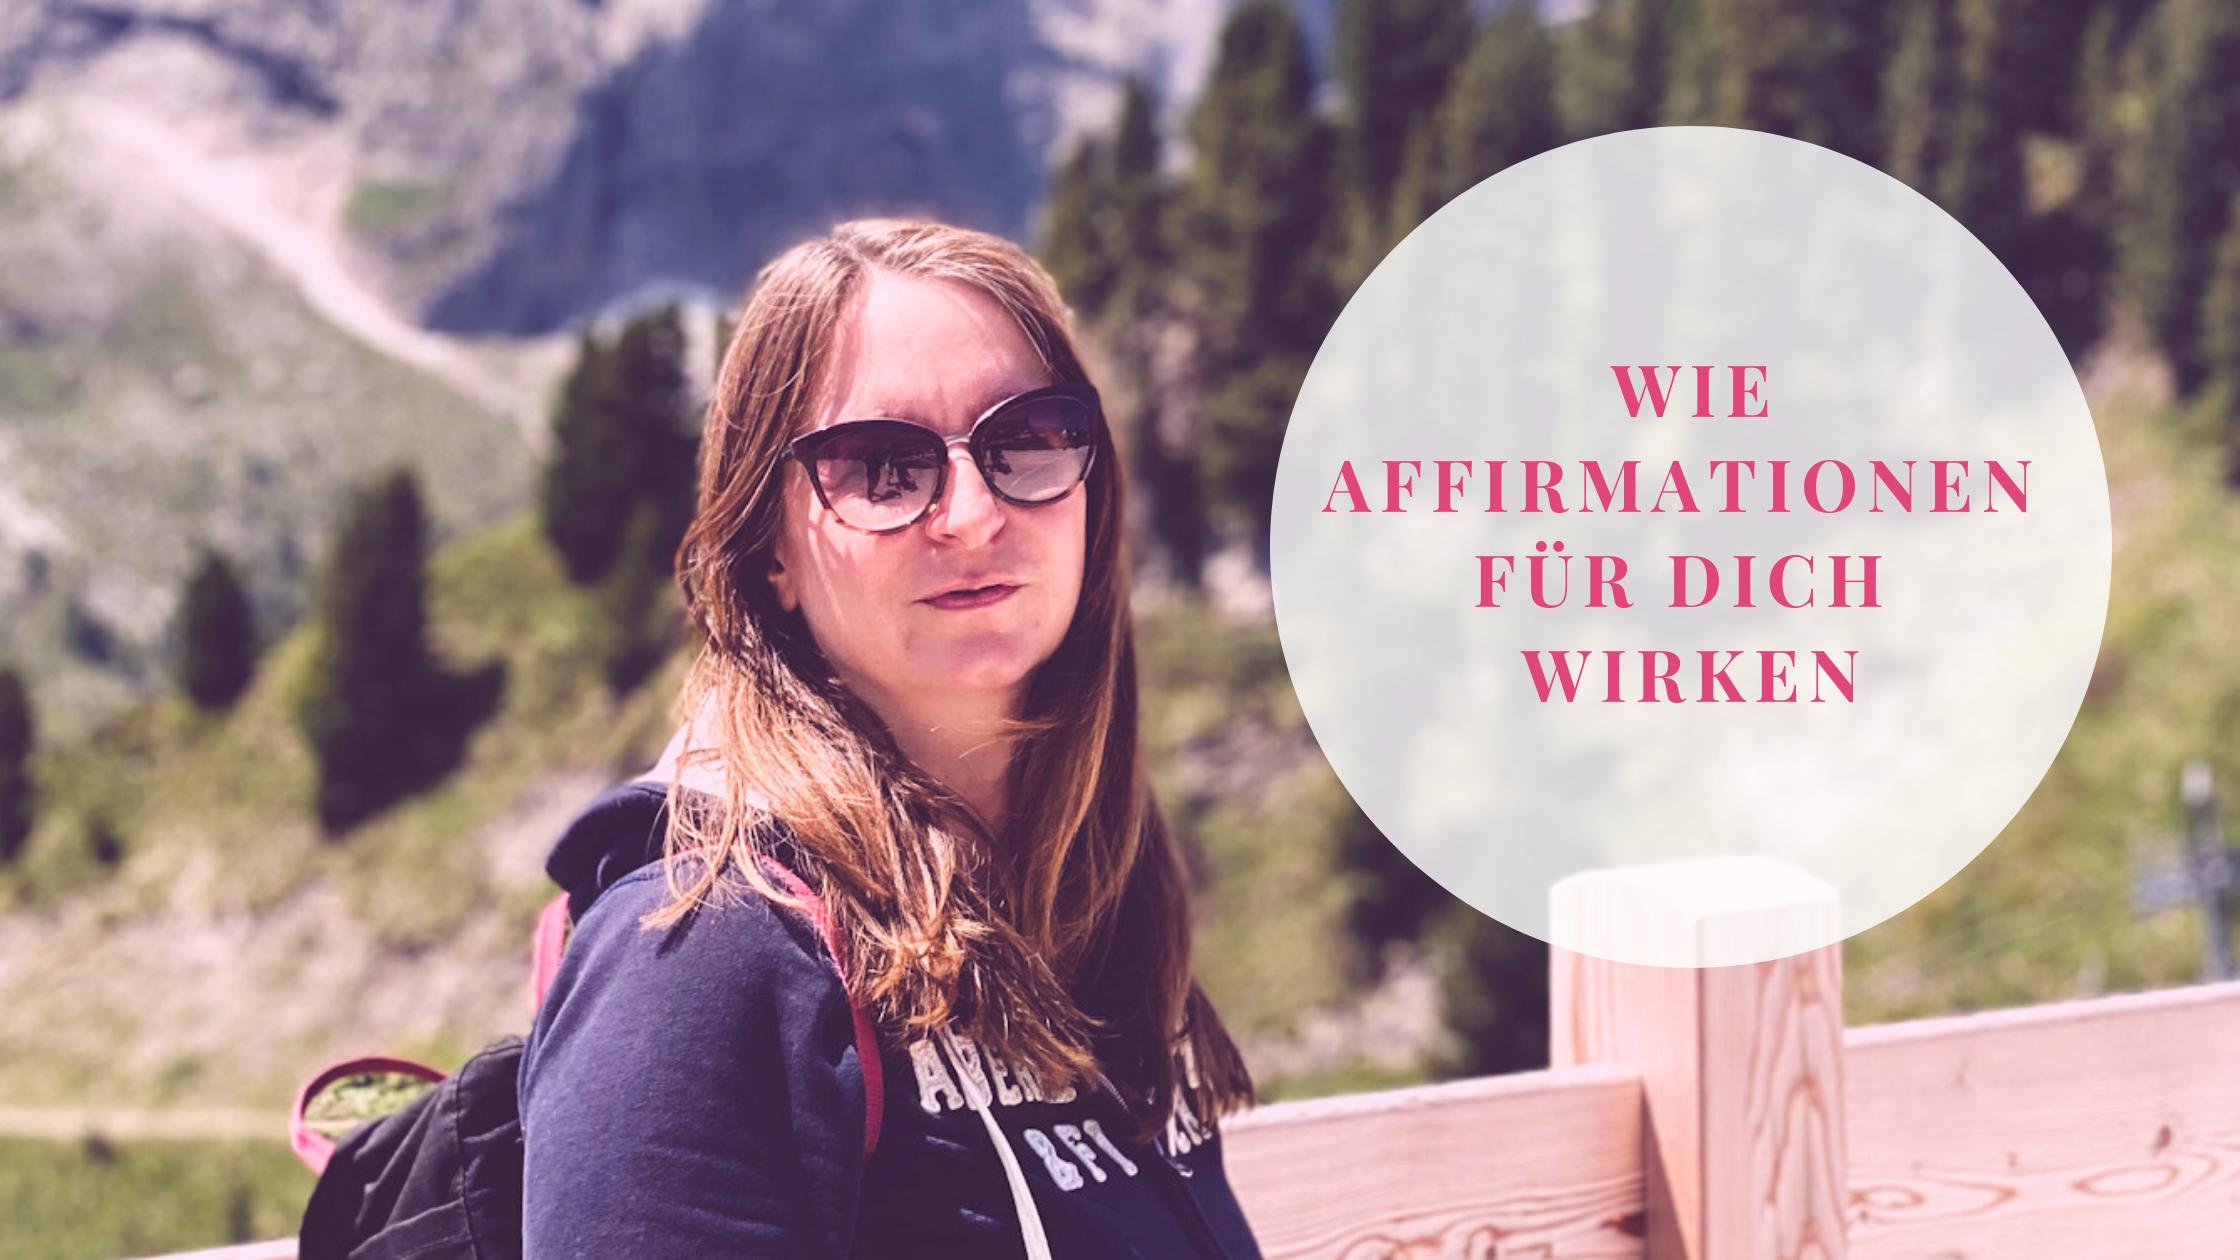 Bild zeigt Frau in den Bergen mit Titel: Wie Affirmationen für dich wirke.